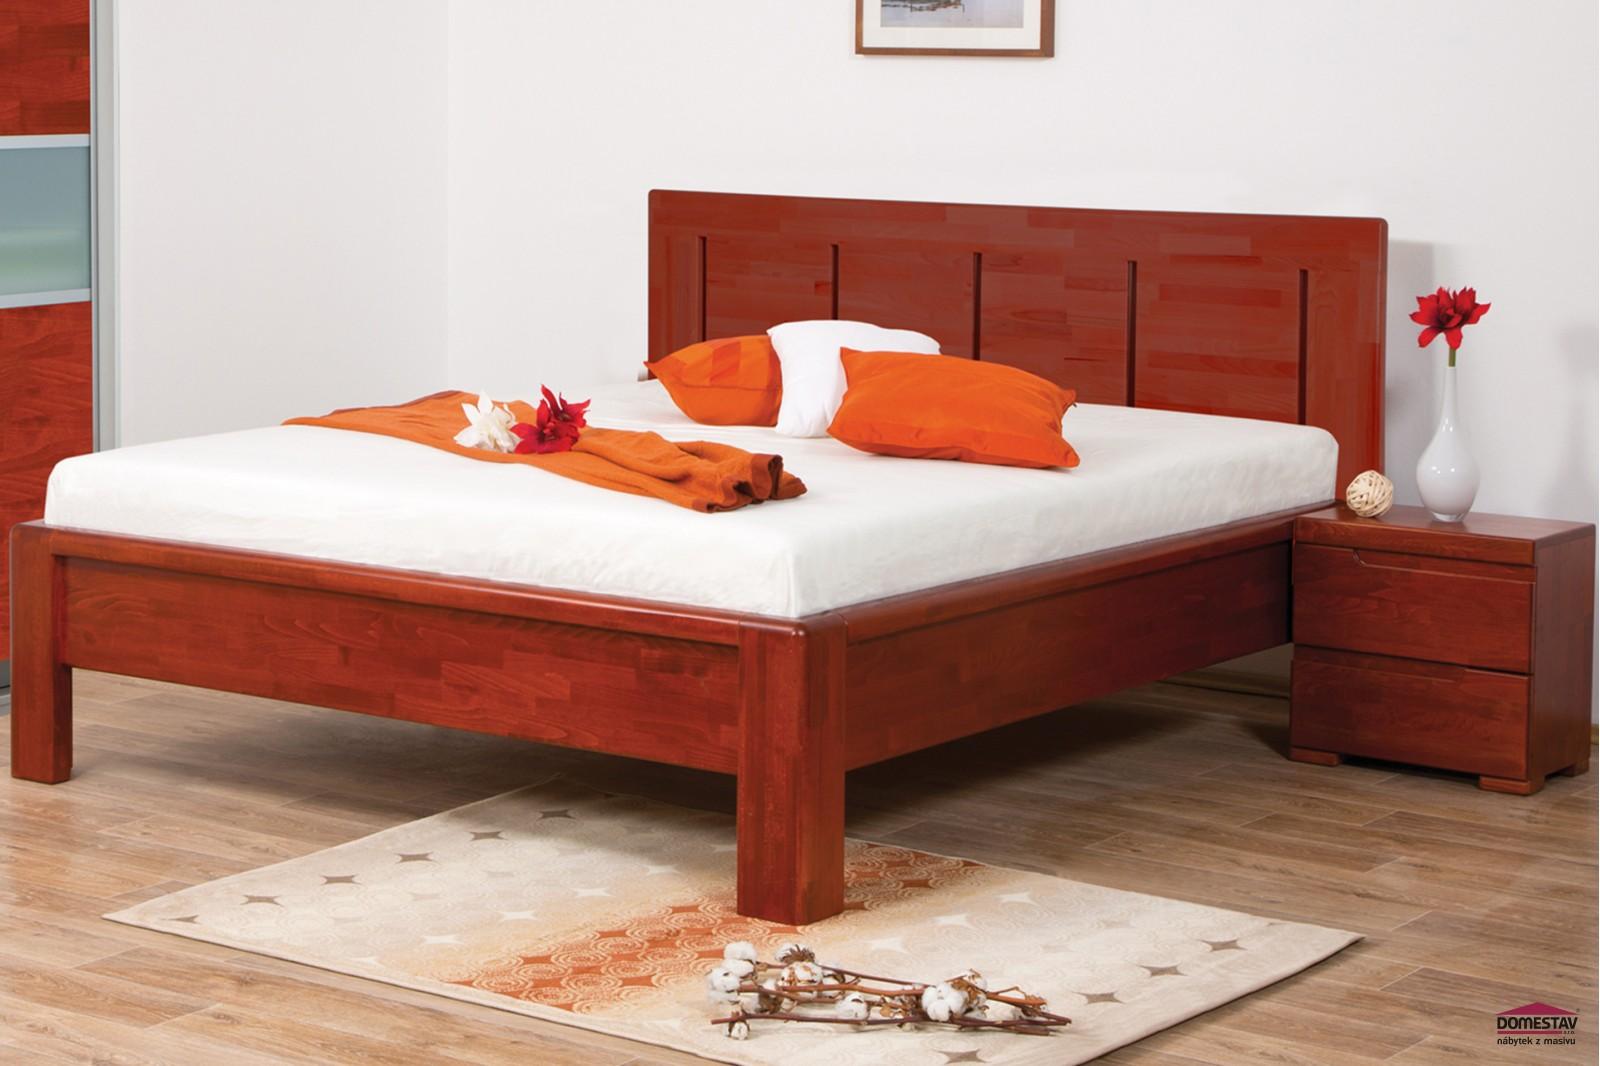 53cffb952a4a Domestav manželská postel FLORENCIA